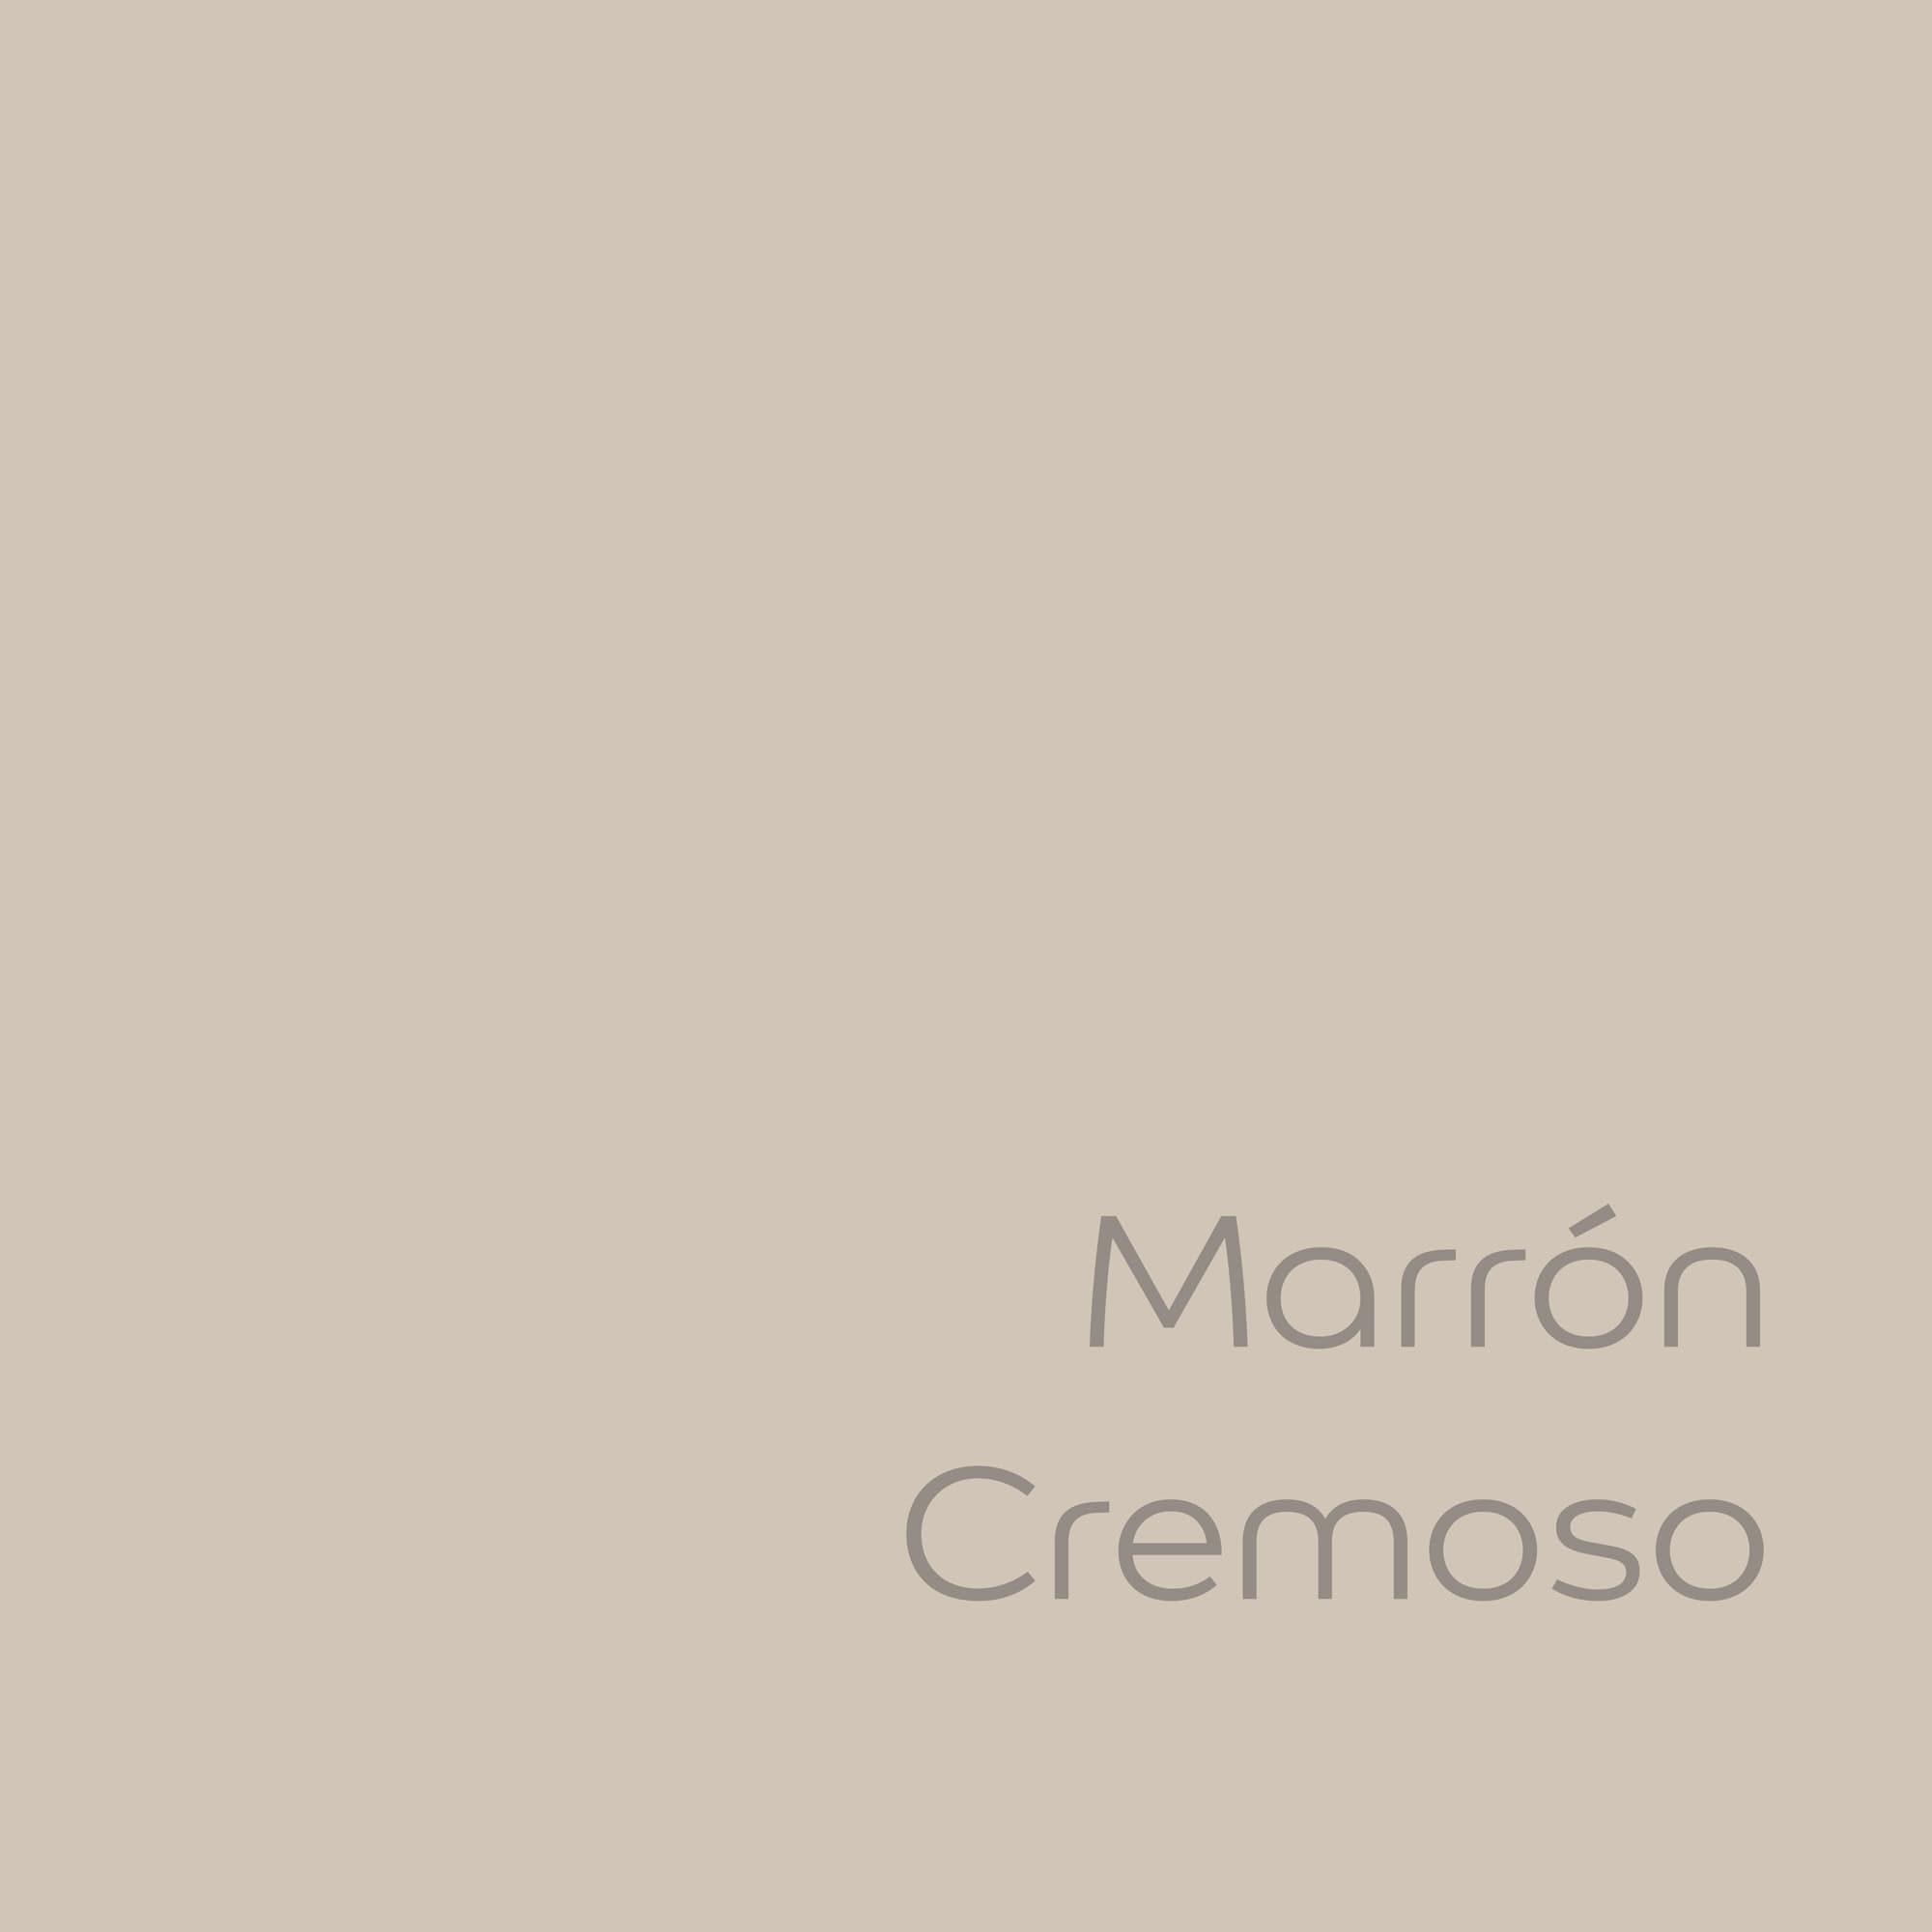 tester de pintura de color bruguer ultraresist marron cremoso color